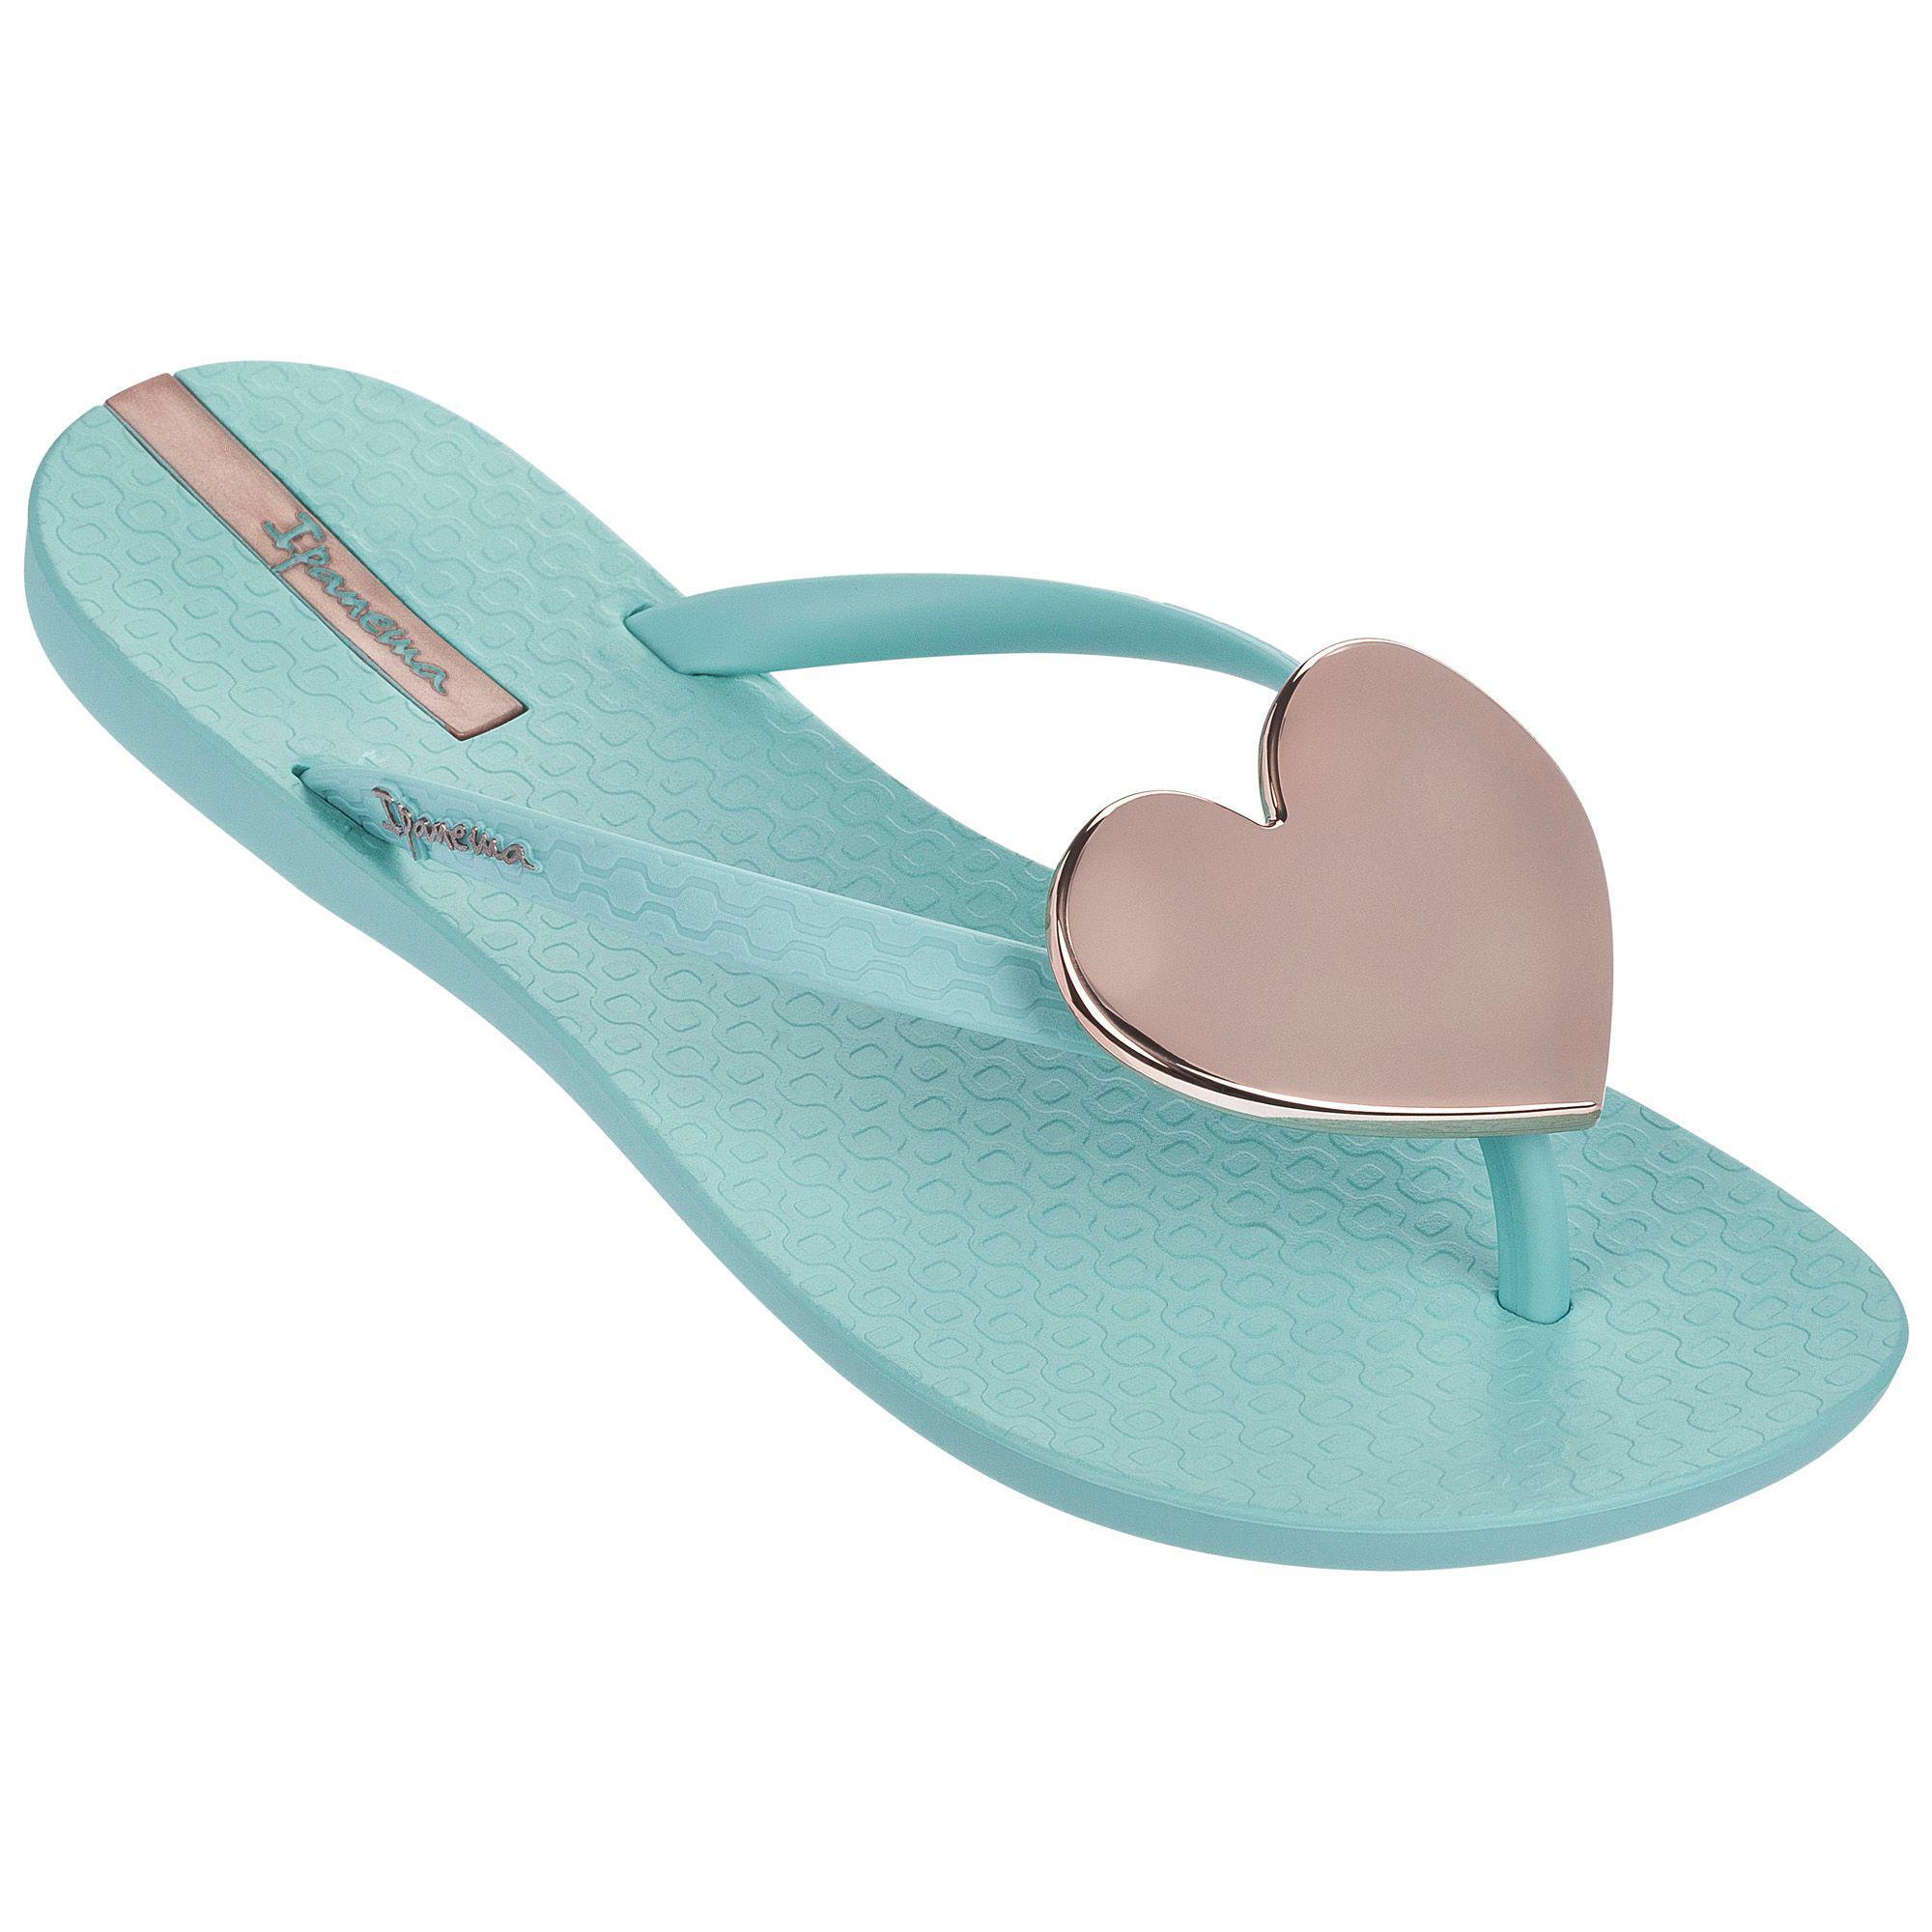 Blue 'Maxi Heart' sandals outlet online clearance big sale B1K7Czsm